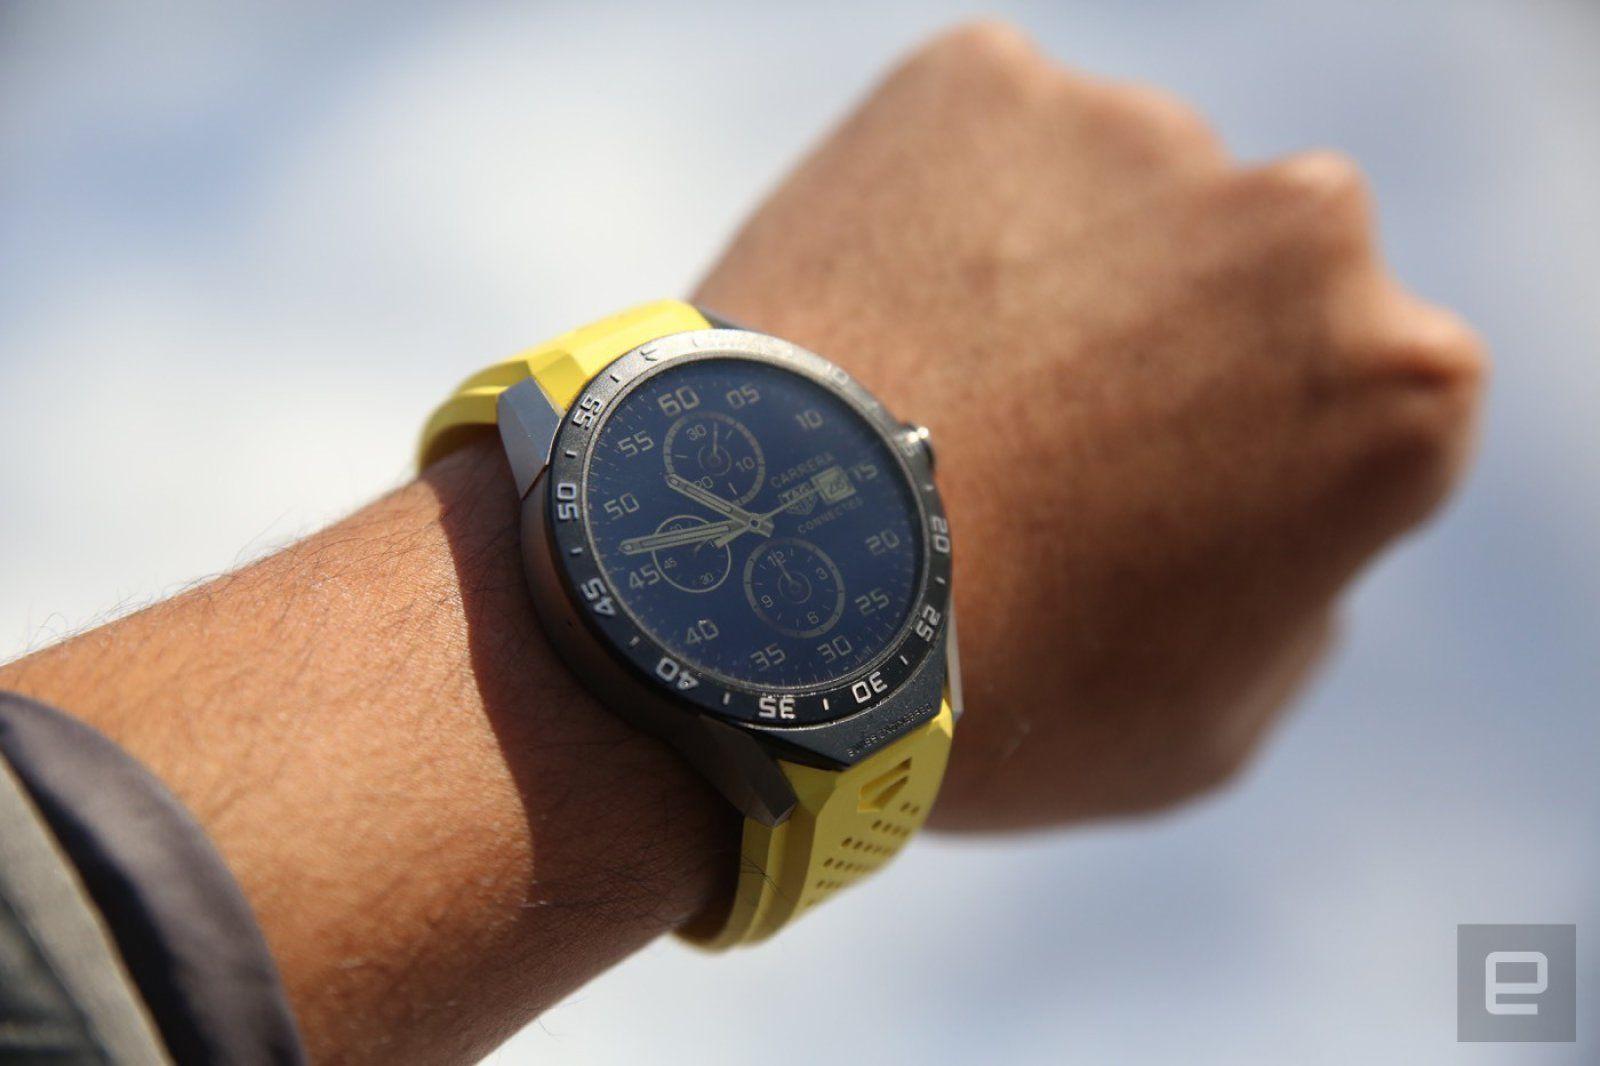 Смарт-часы tag heuer connected modular имеет модульную конструкцию корпуса диаметром 41 мм, выполненного из титана и керамики.